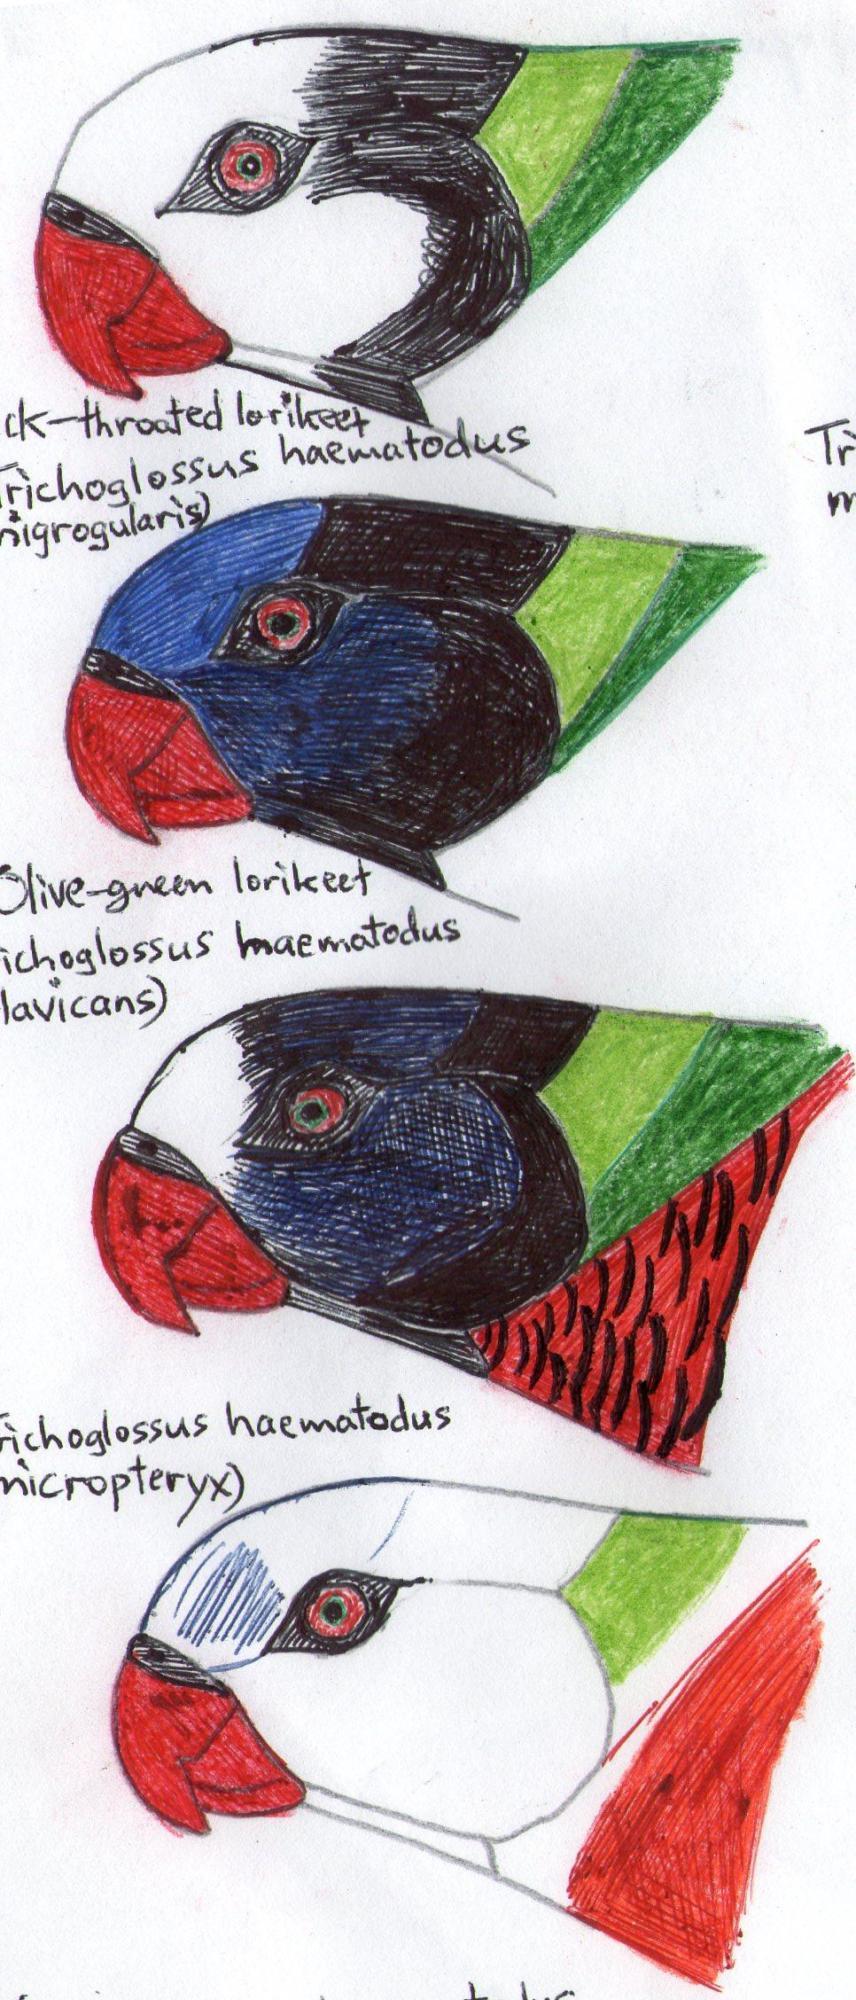 Heads of rainbow lorikeets.